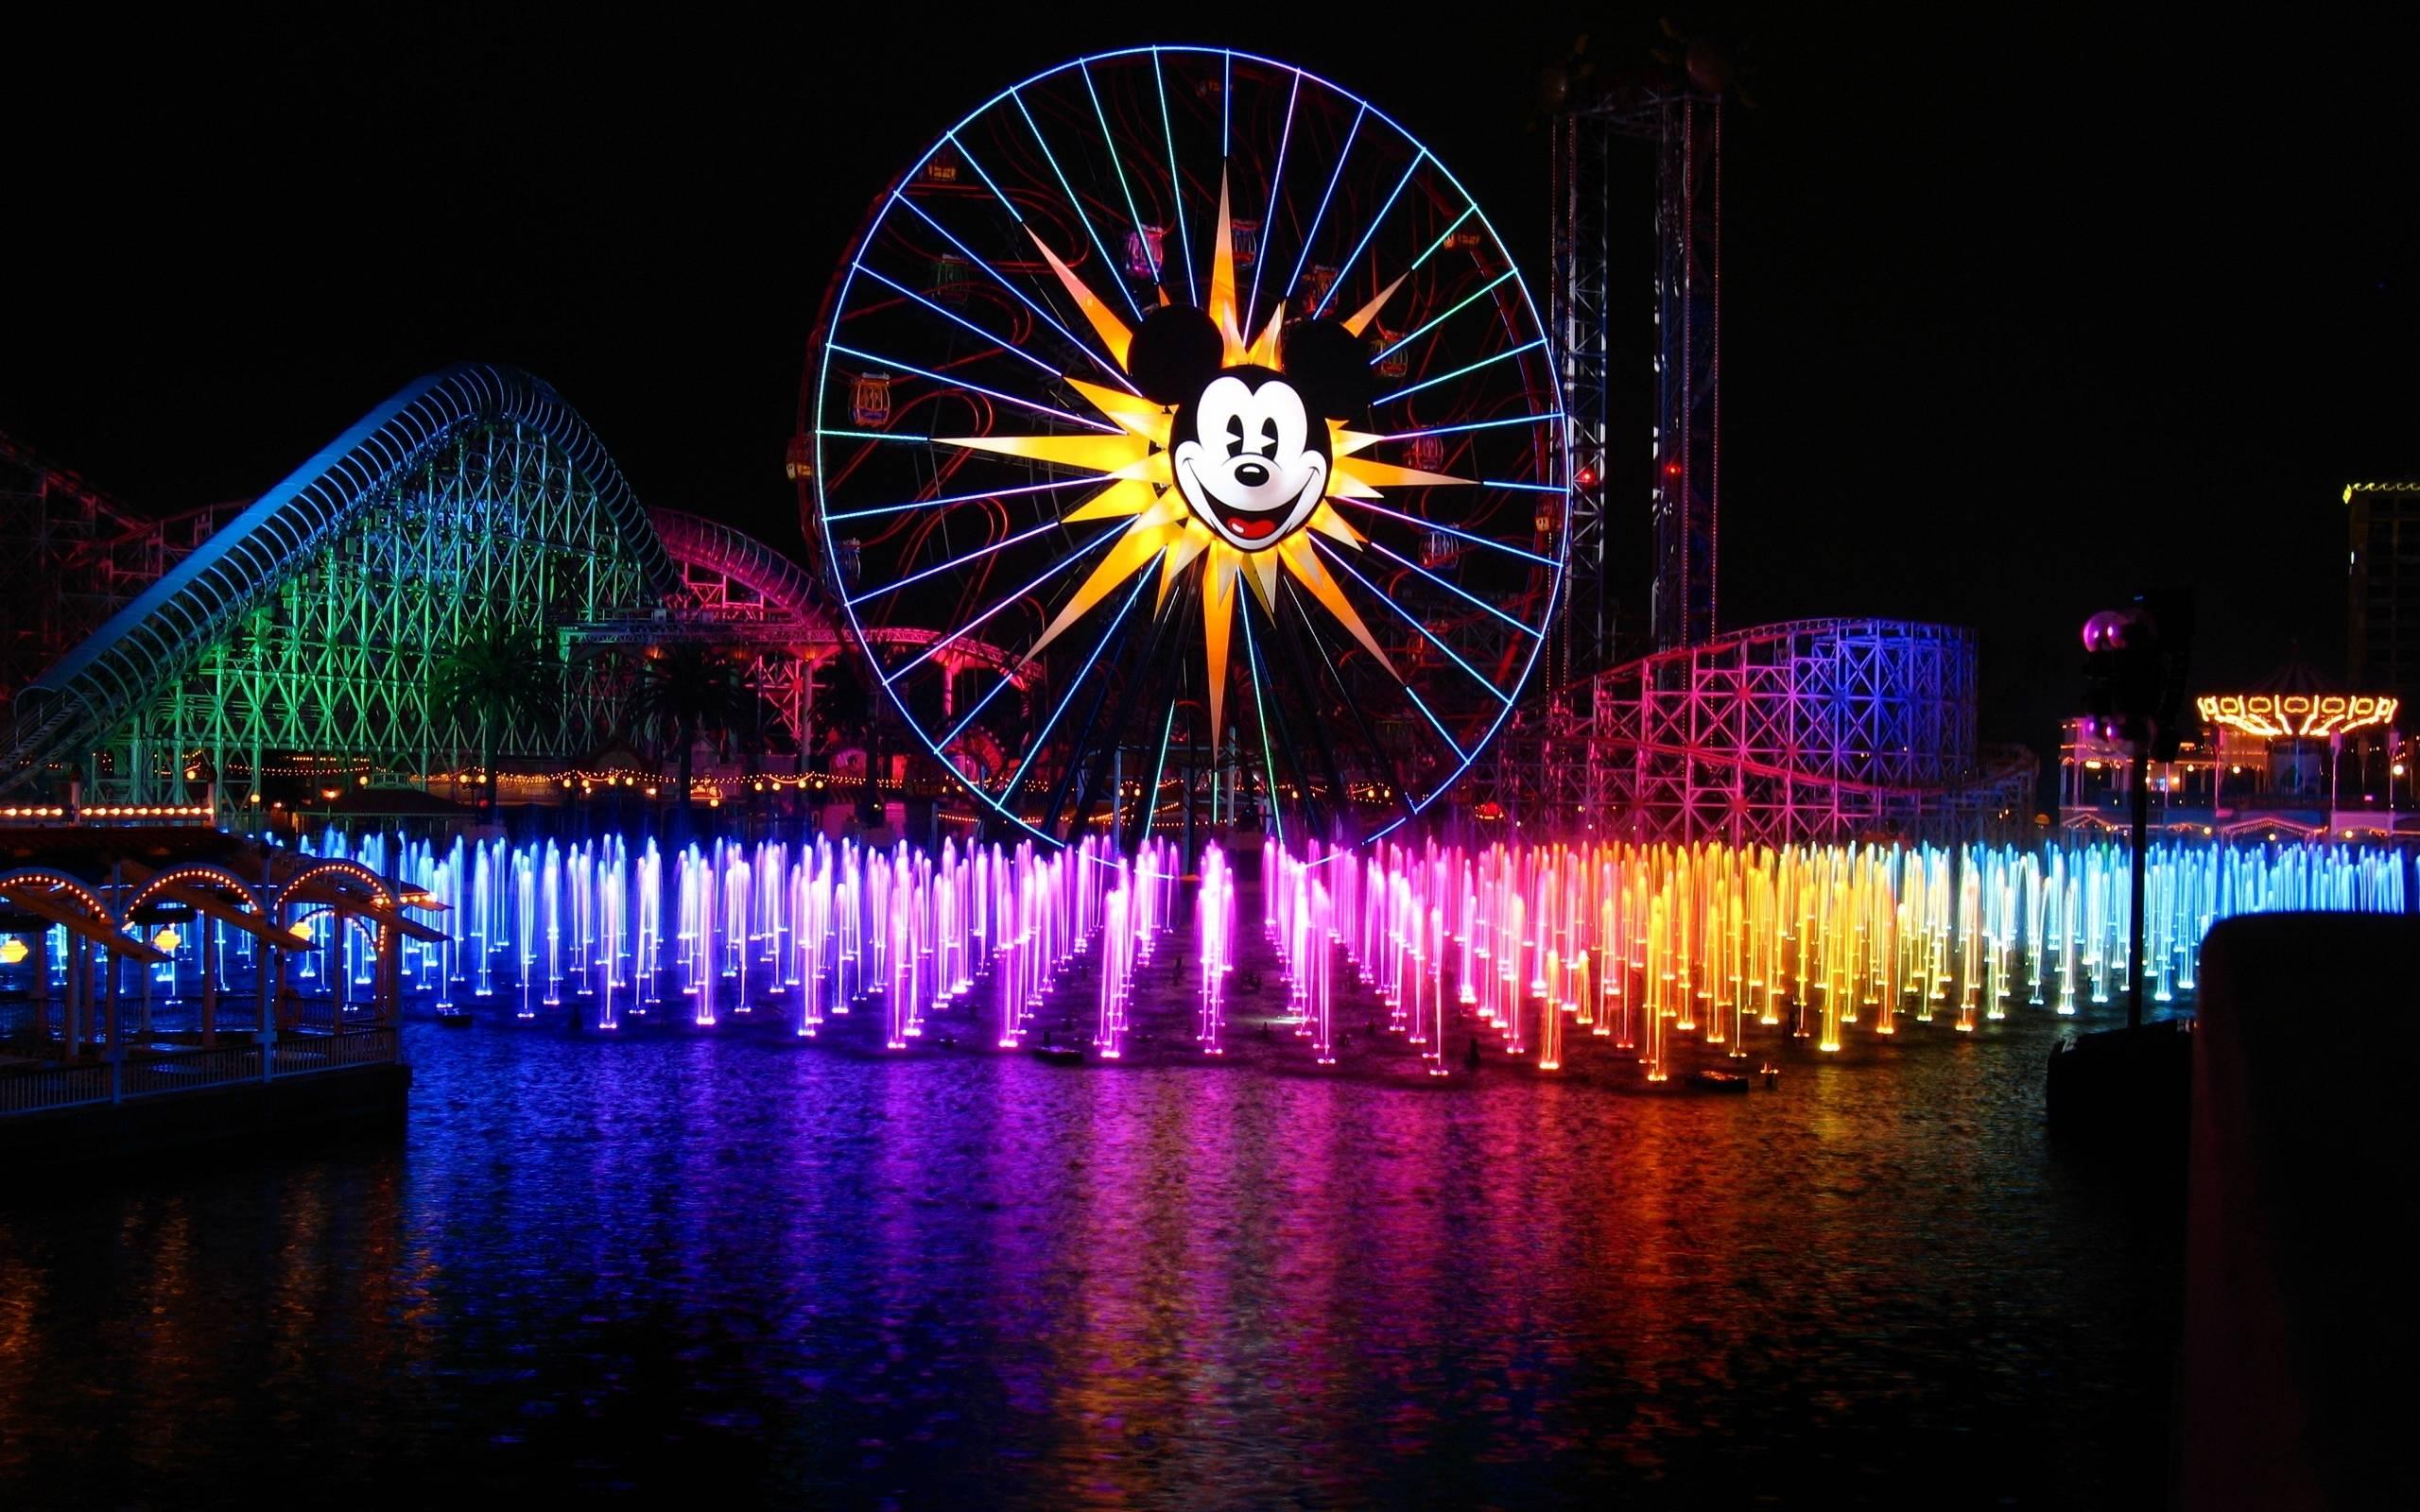 Disneyland California Wallpapers Top Free Disneyland California Backgrounds Wallpaperaccess